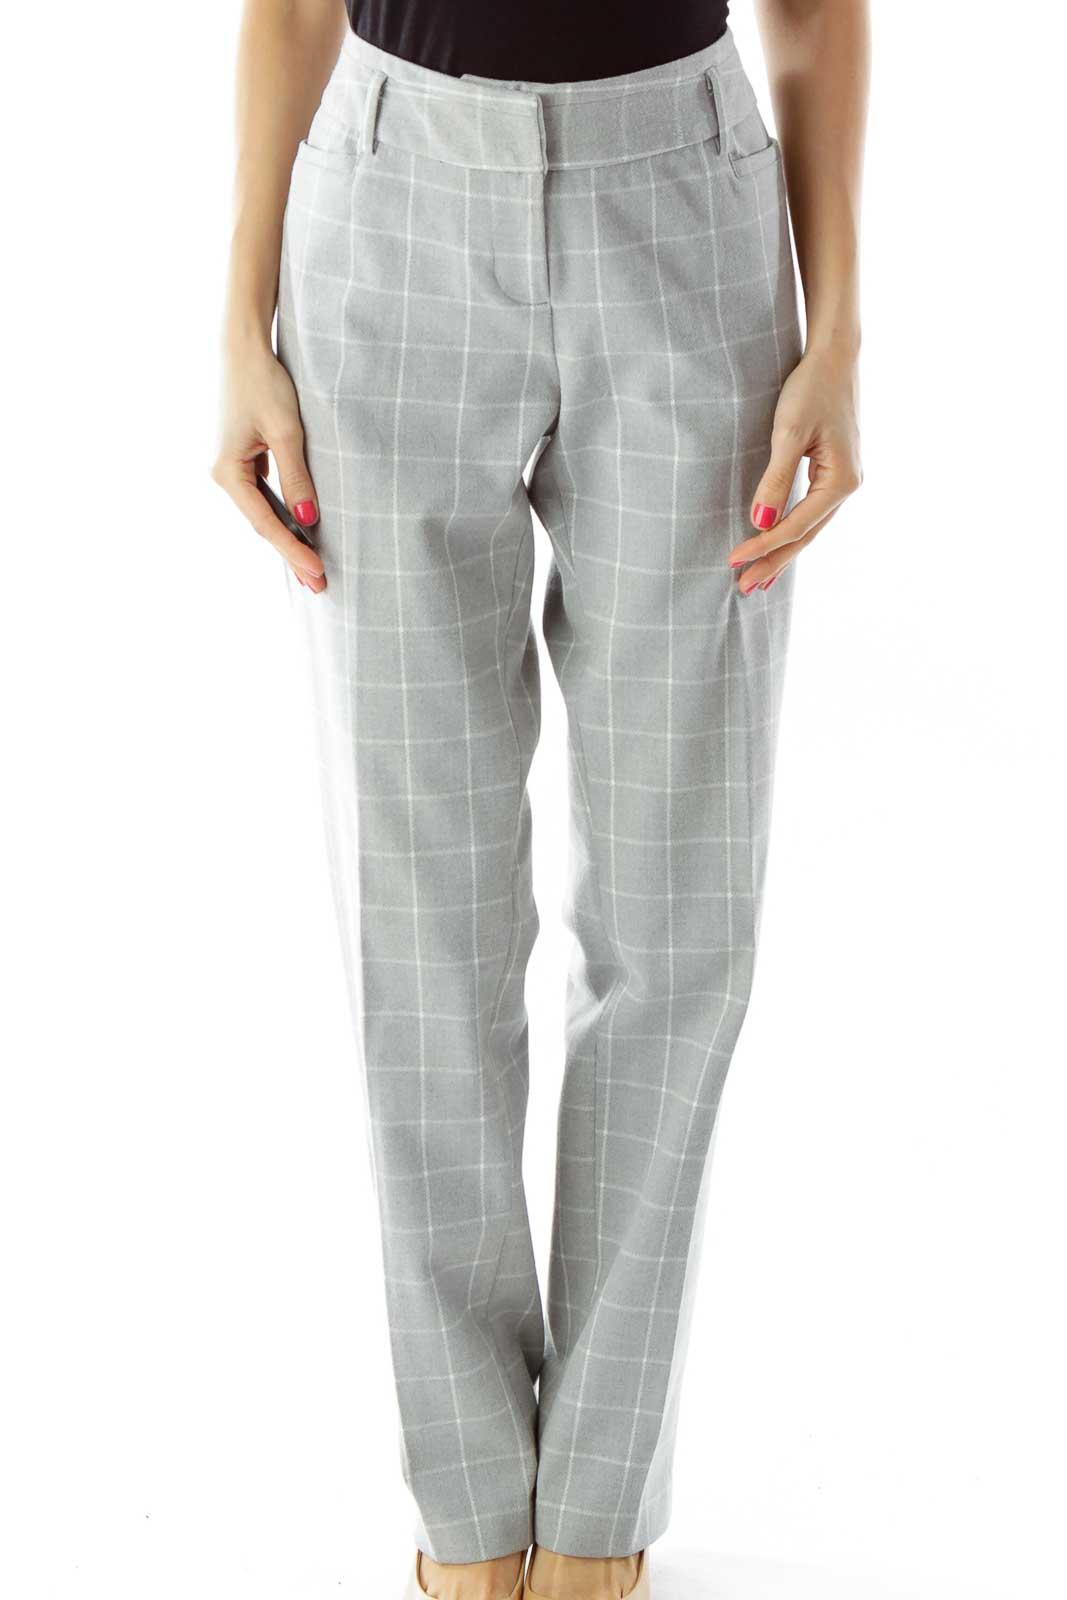 Gray White Checkered Slacks